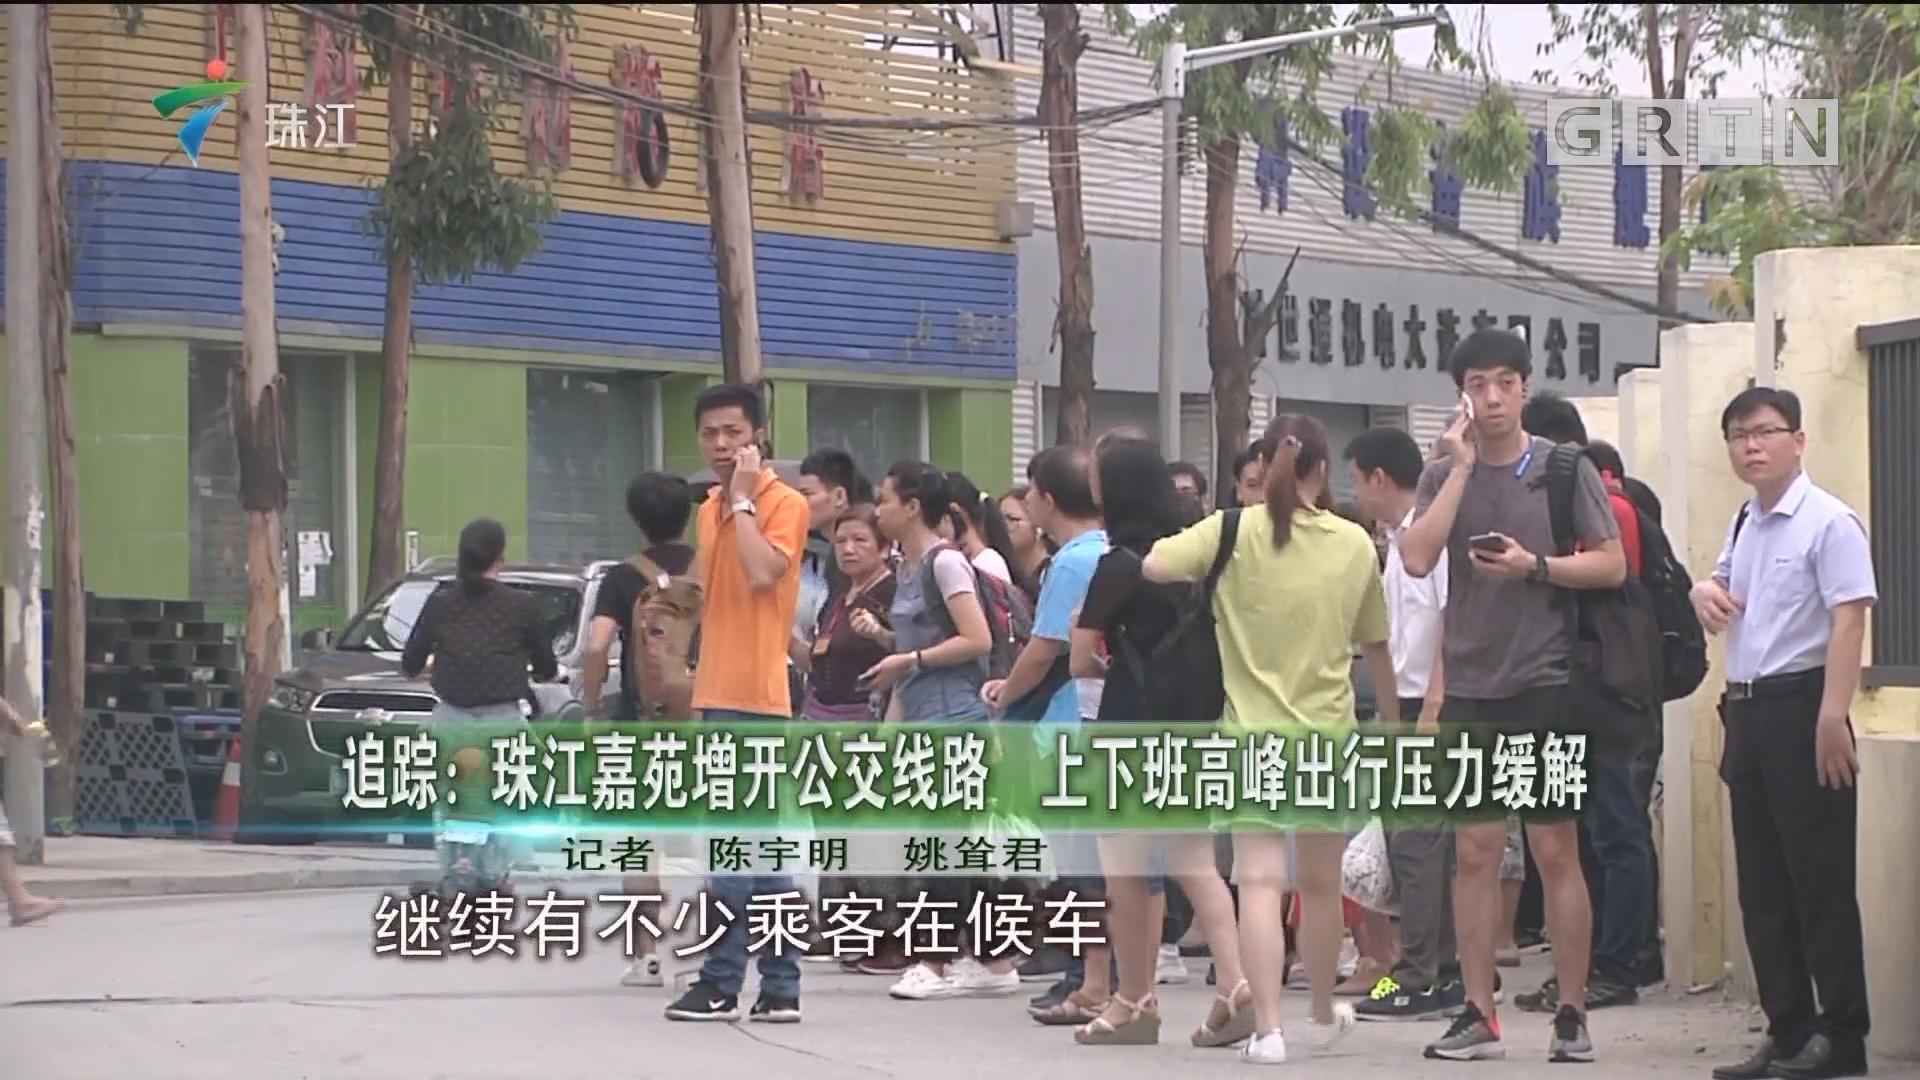 追踪:珠江嘉苑增开公交线路 上下班高峰出行压力缓解